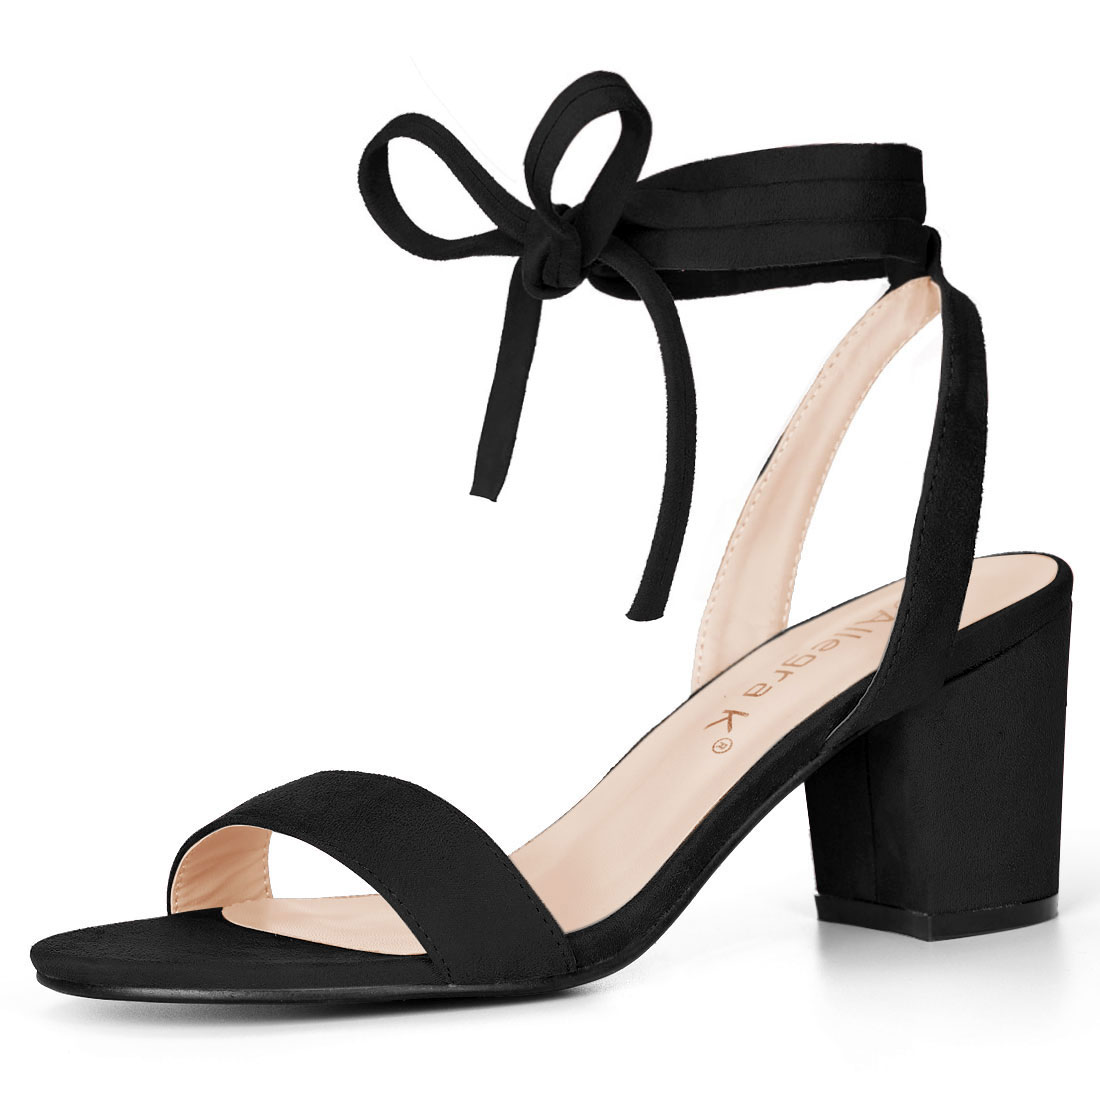 Allegra K Women's Open Toe Mid Block Heel Ankle Tie Sandals Black US 6